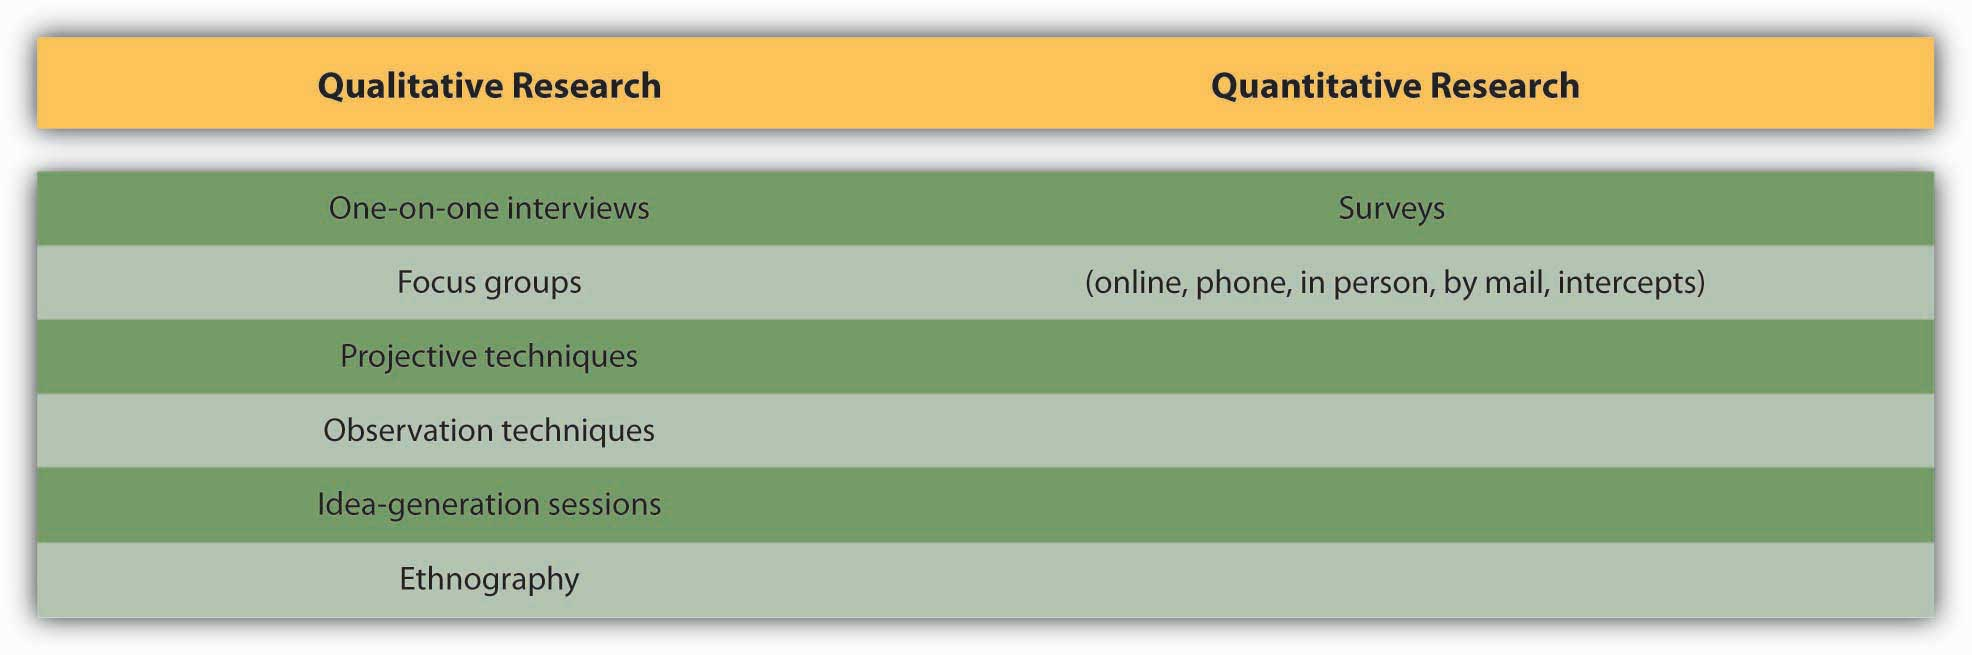 quantitative research advantage